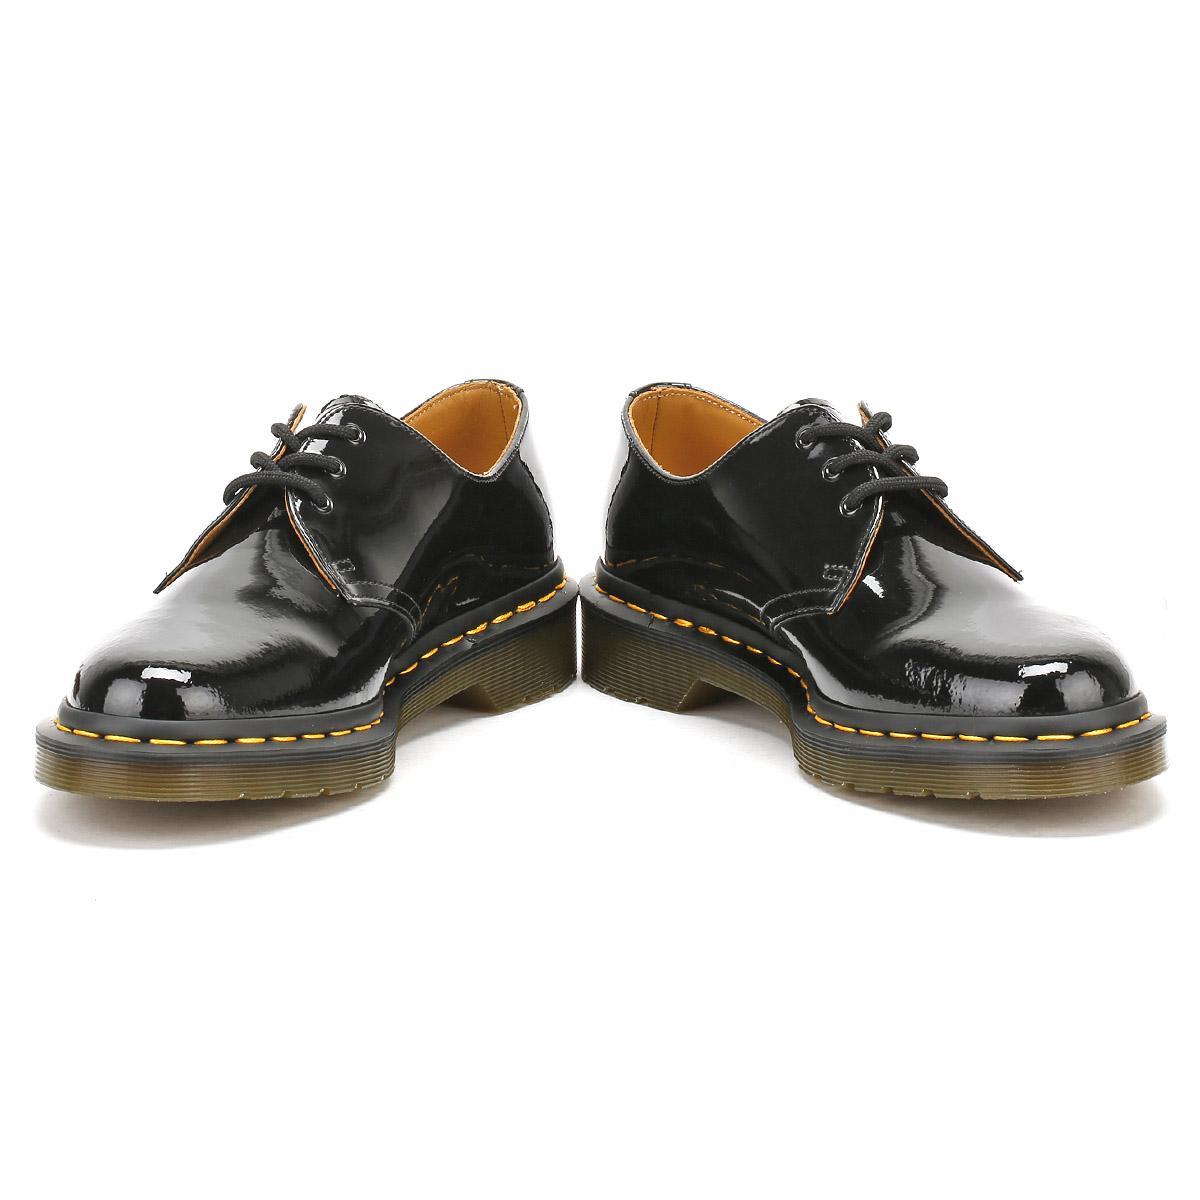 Top Marken wie man kauft am beliebtesten 1461 Patent Lamper 3-eye Shoes